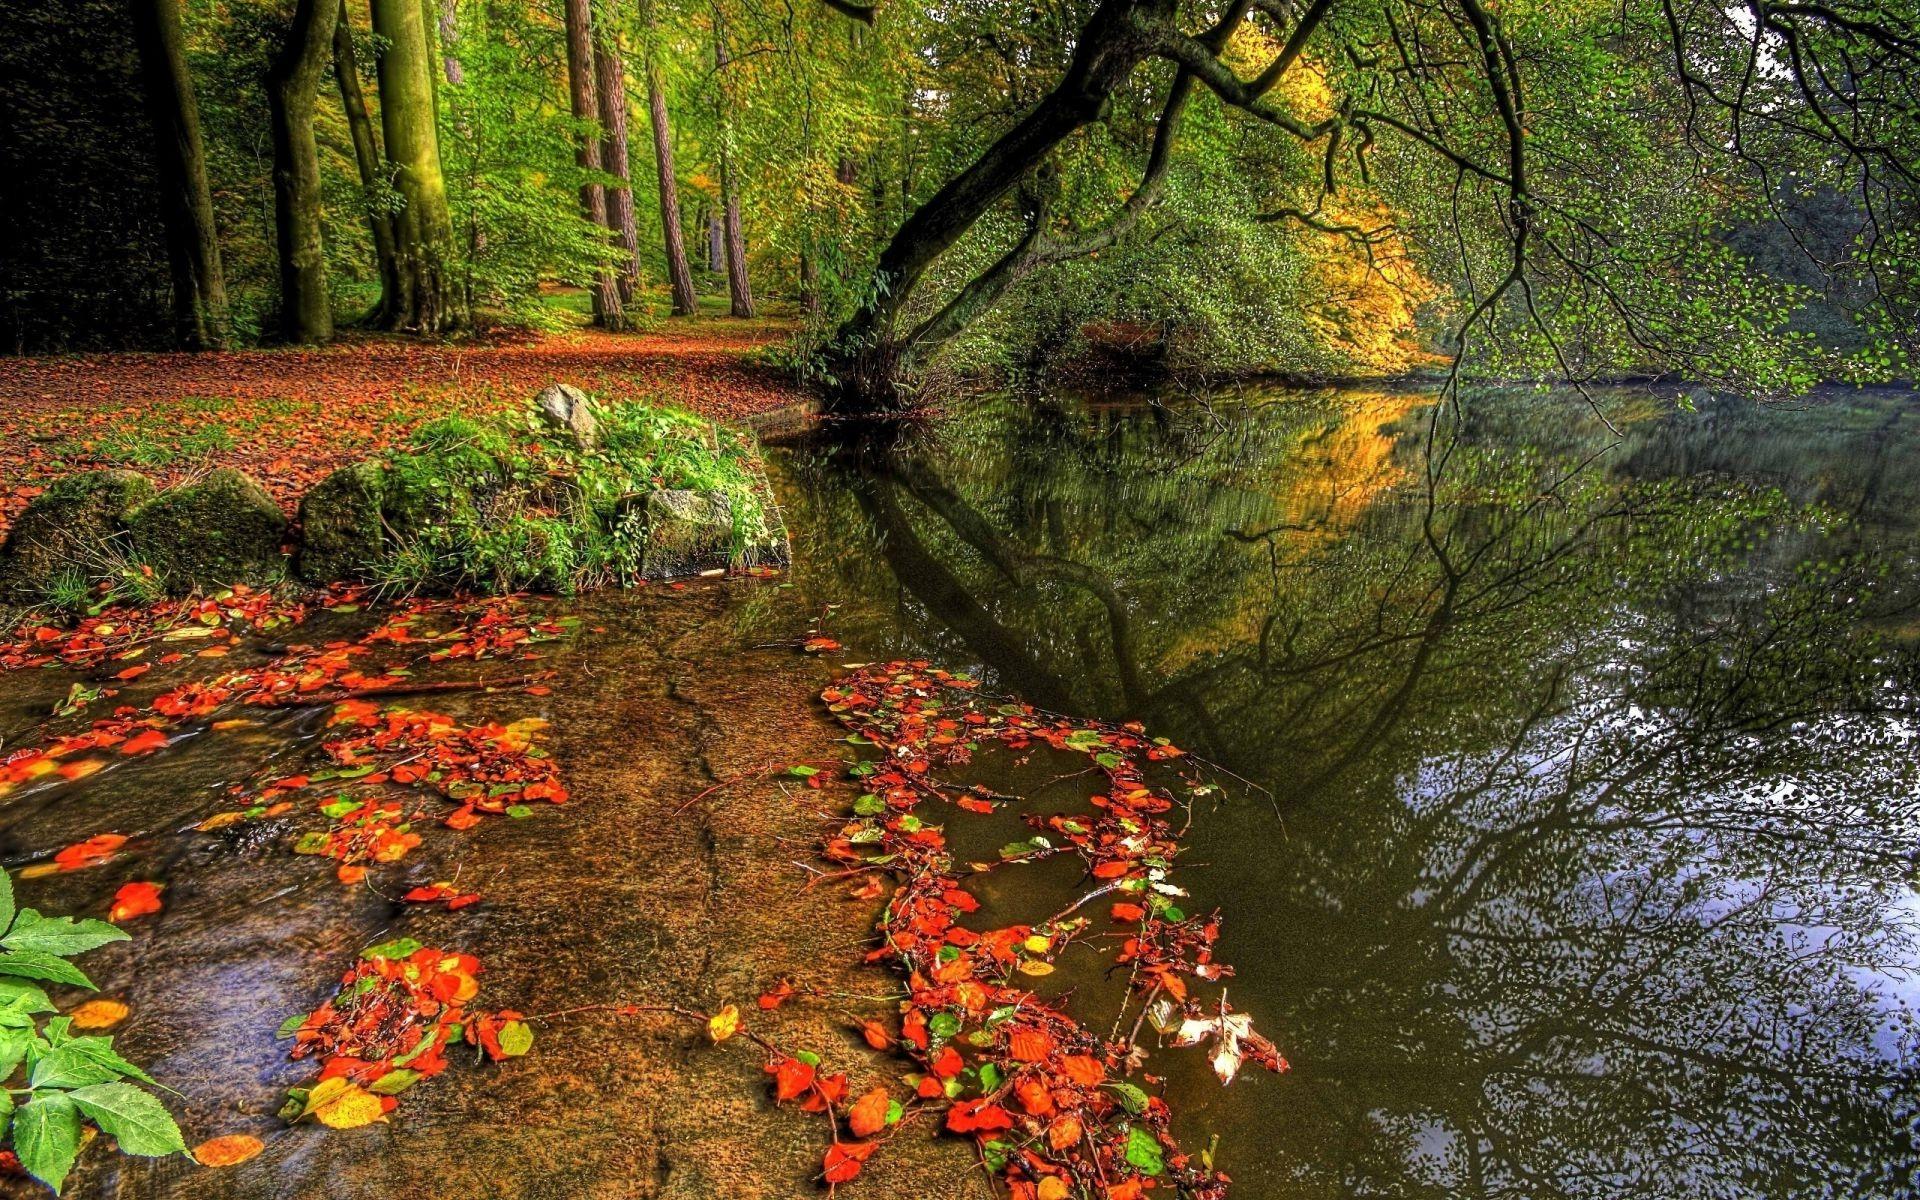 обои широкоформатные на рабочий стол бесплатно красивая природа осень № 241150  скачать